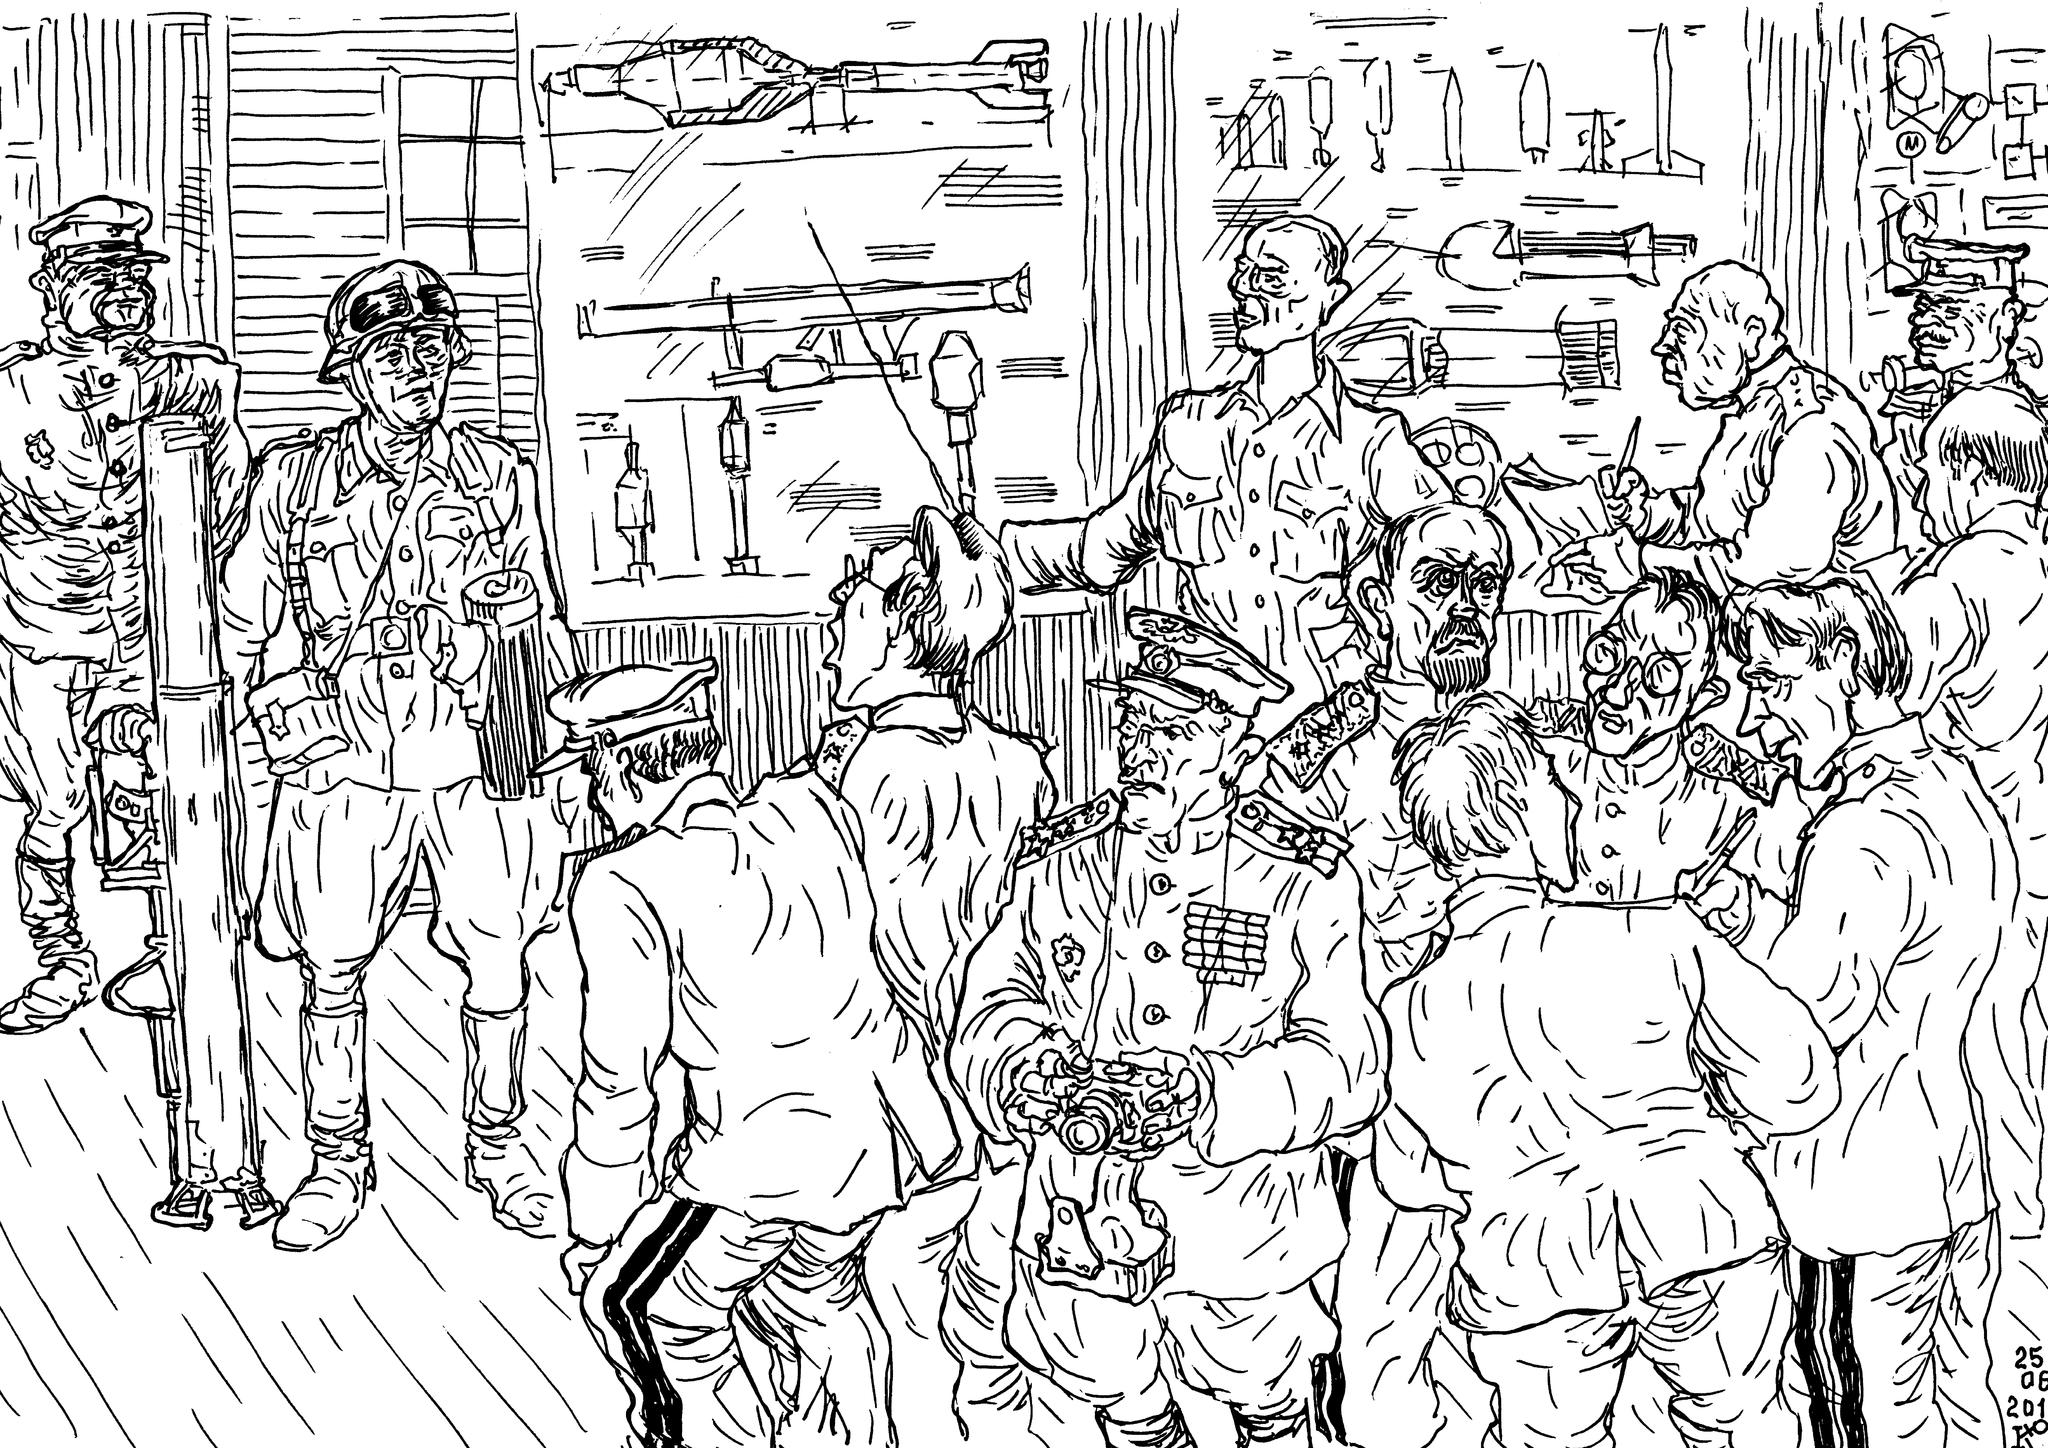 Захваченные образцы вооружения и документация на них — «источник» военнаучной деятельности учёных ВПК